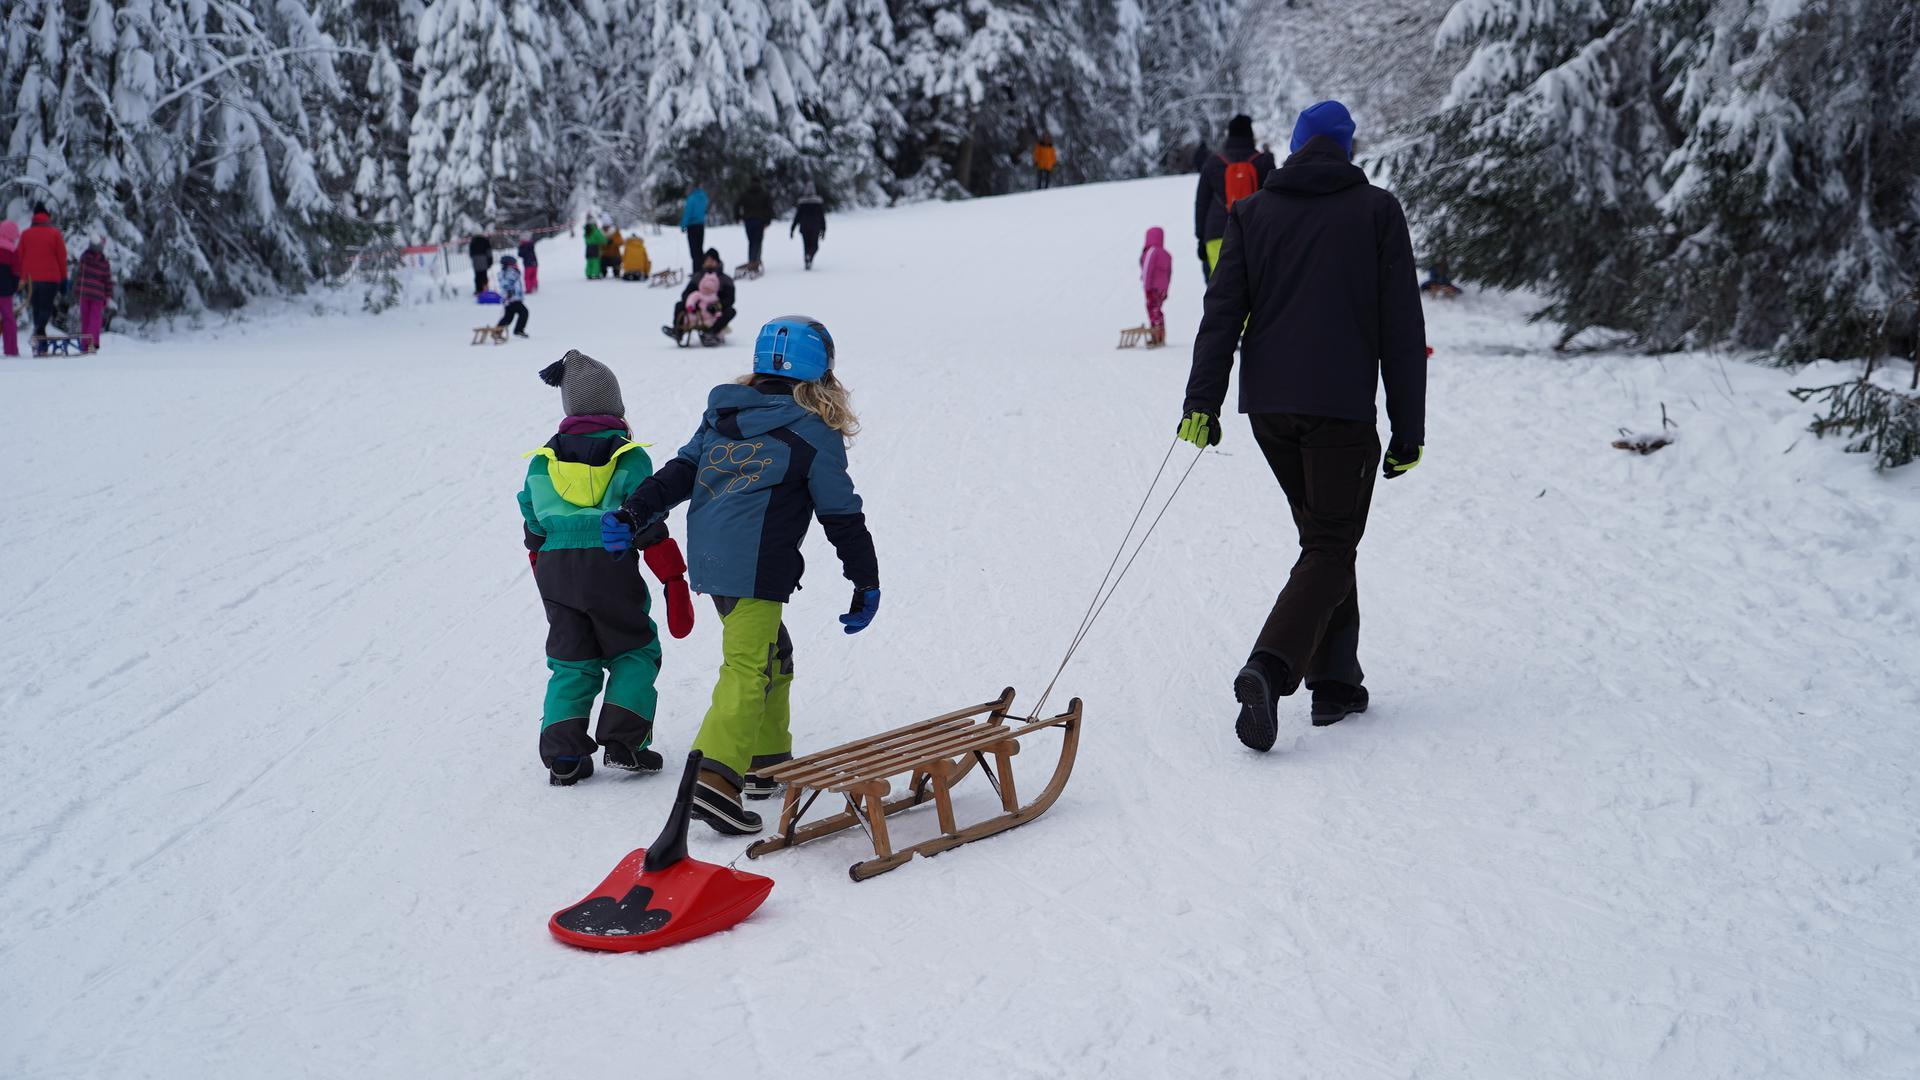 Winter-Ausflügler mit ihren Schlitten am Rodelhang Ruhestein.